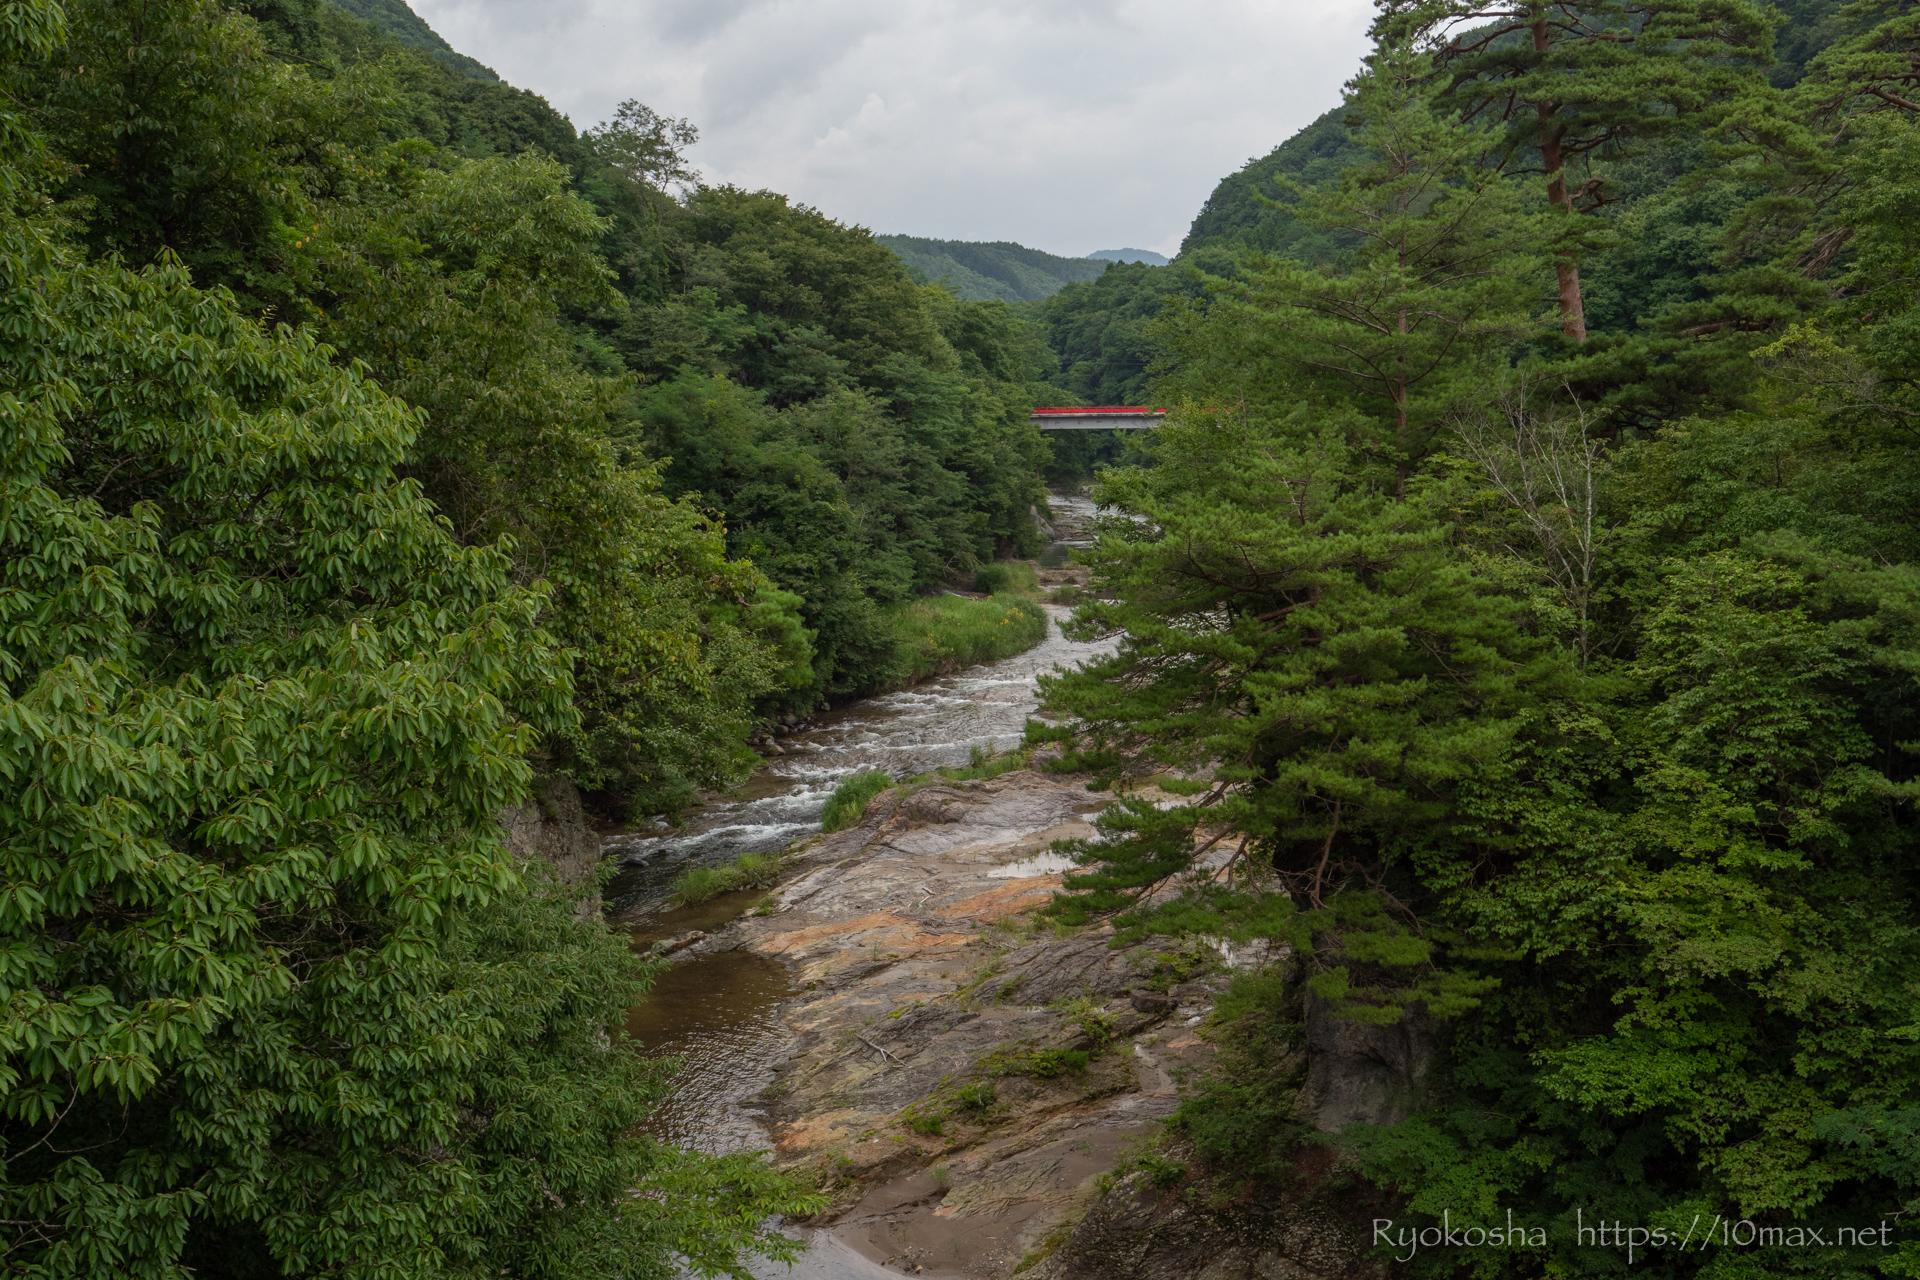 群馬県 沼田市 吹割の滝 東洋のナイアガラ 遊歩道 浮島橋 吹割橋